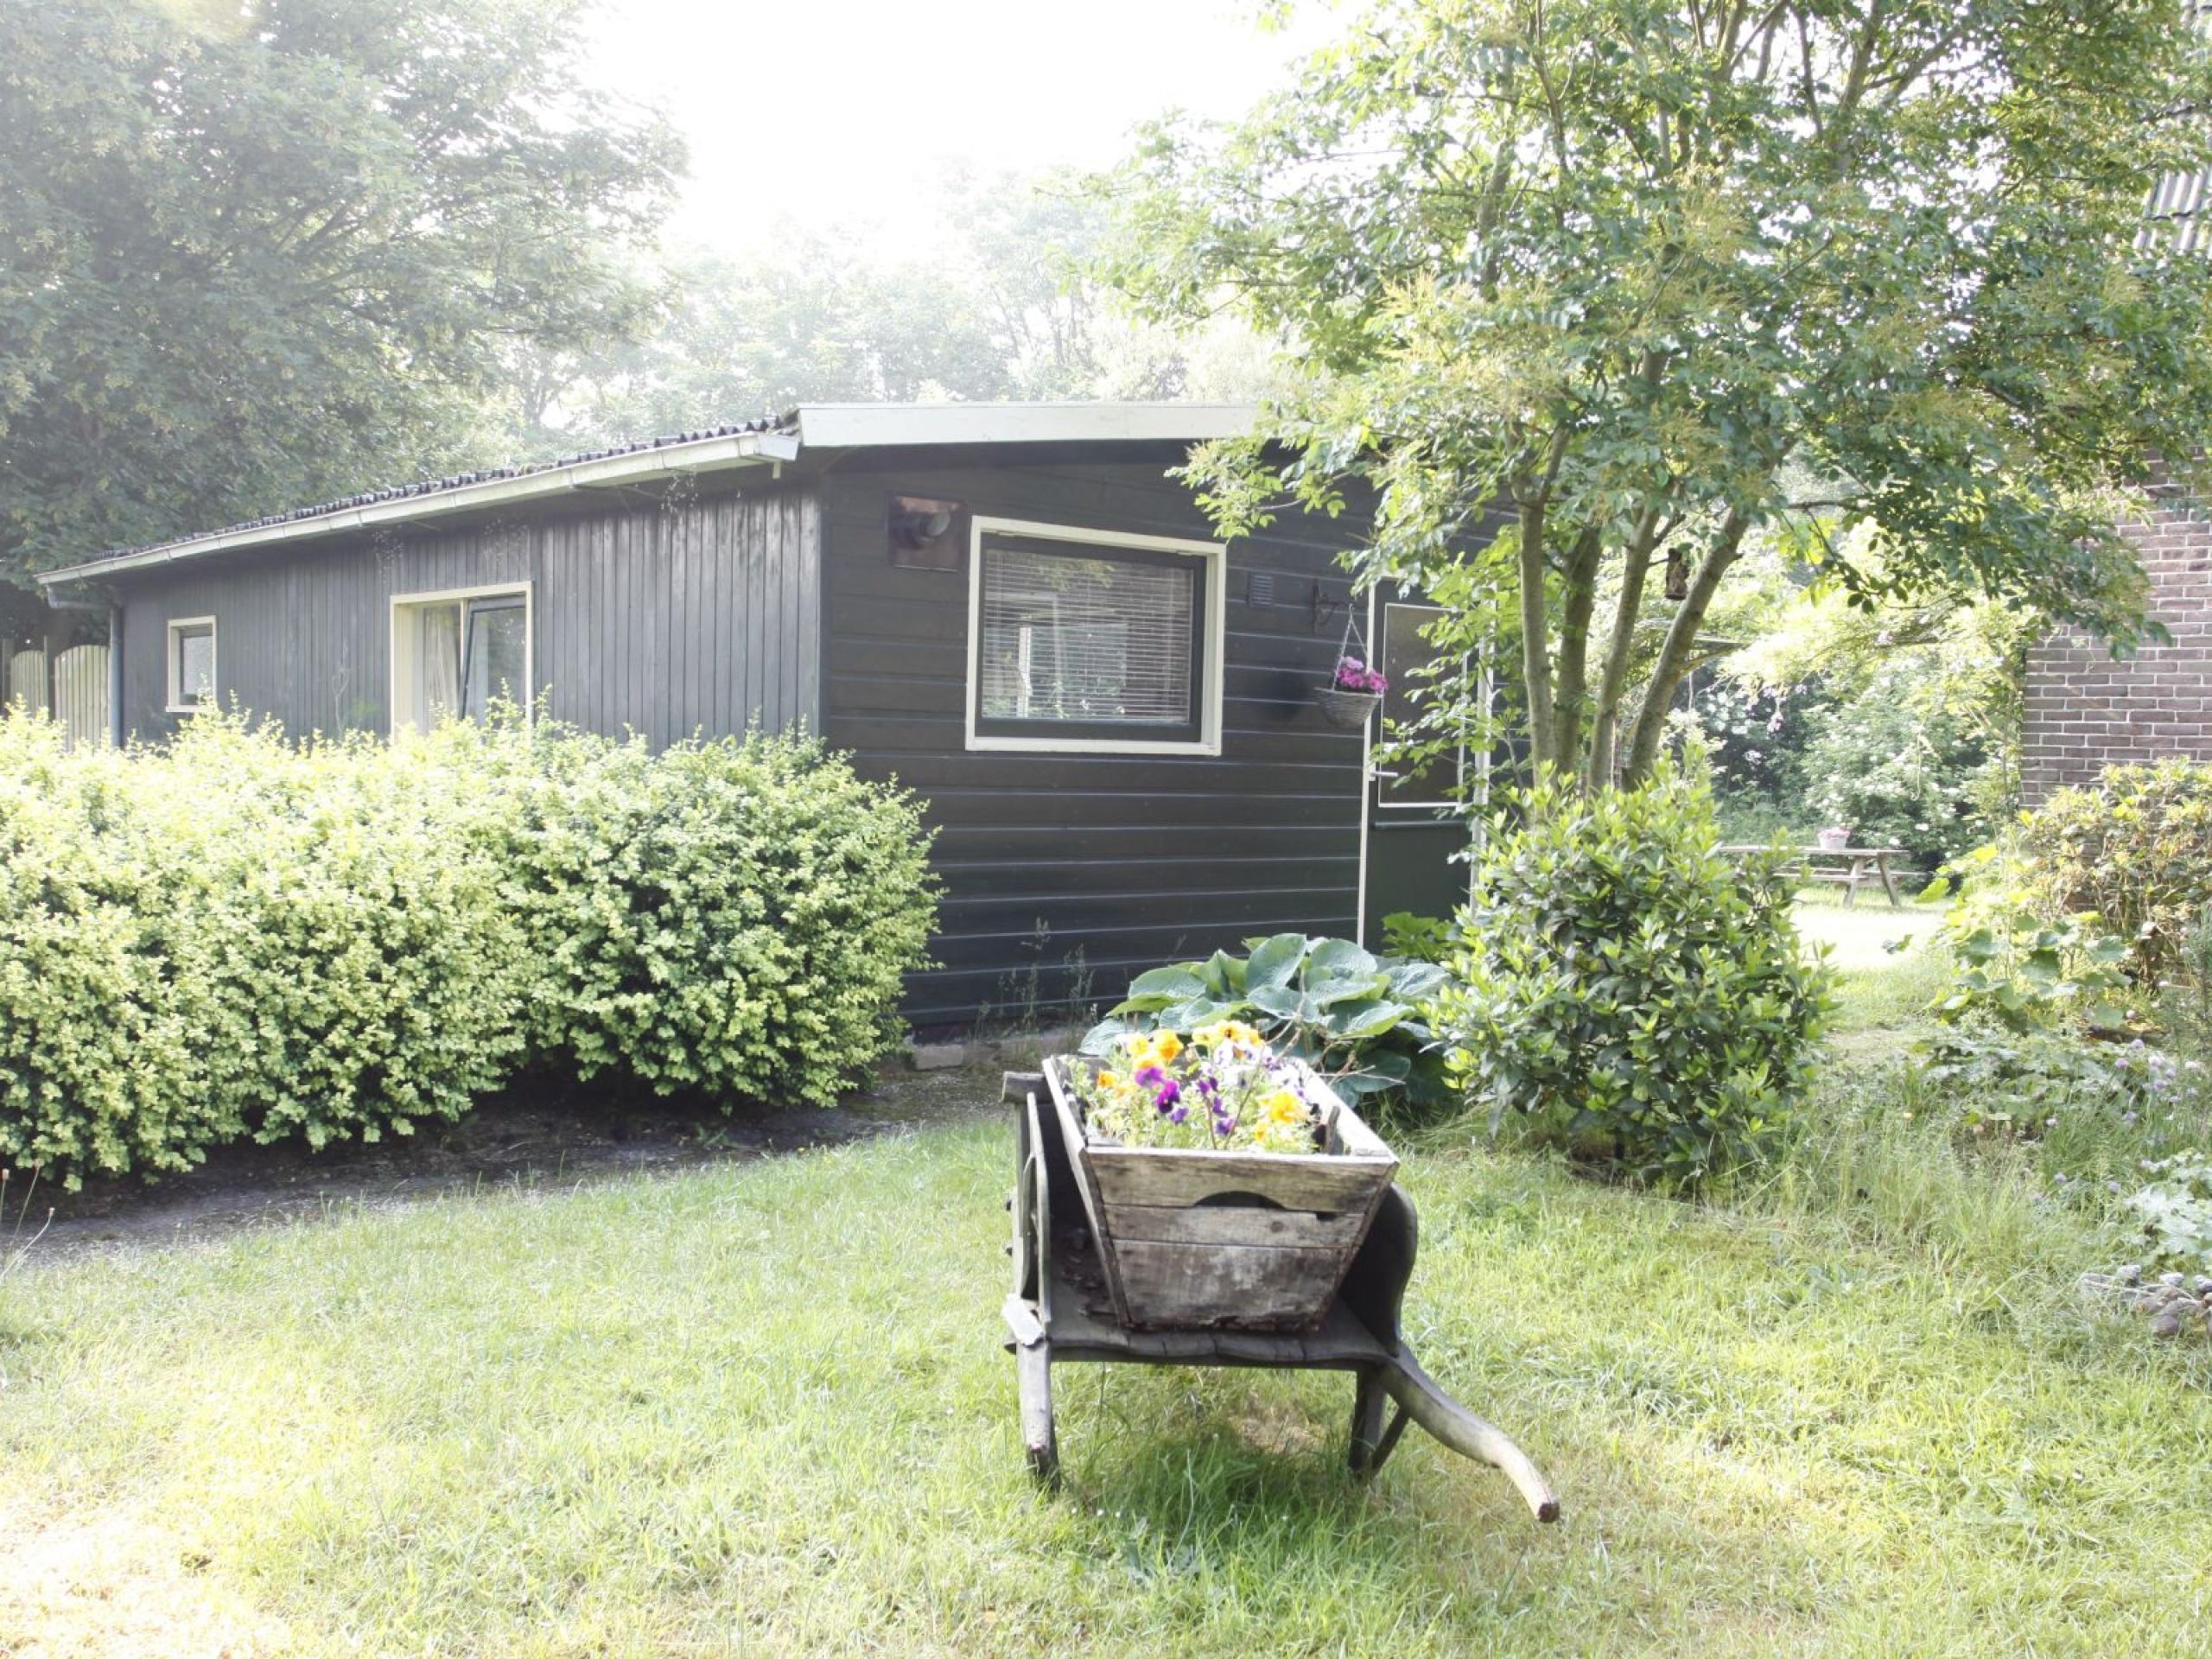 Onthaasten in knus vakantiehuis op prachtige lokatie bij Oosterend